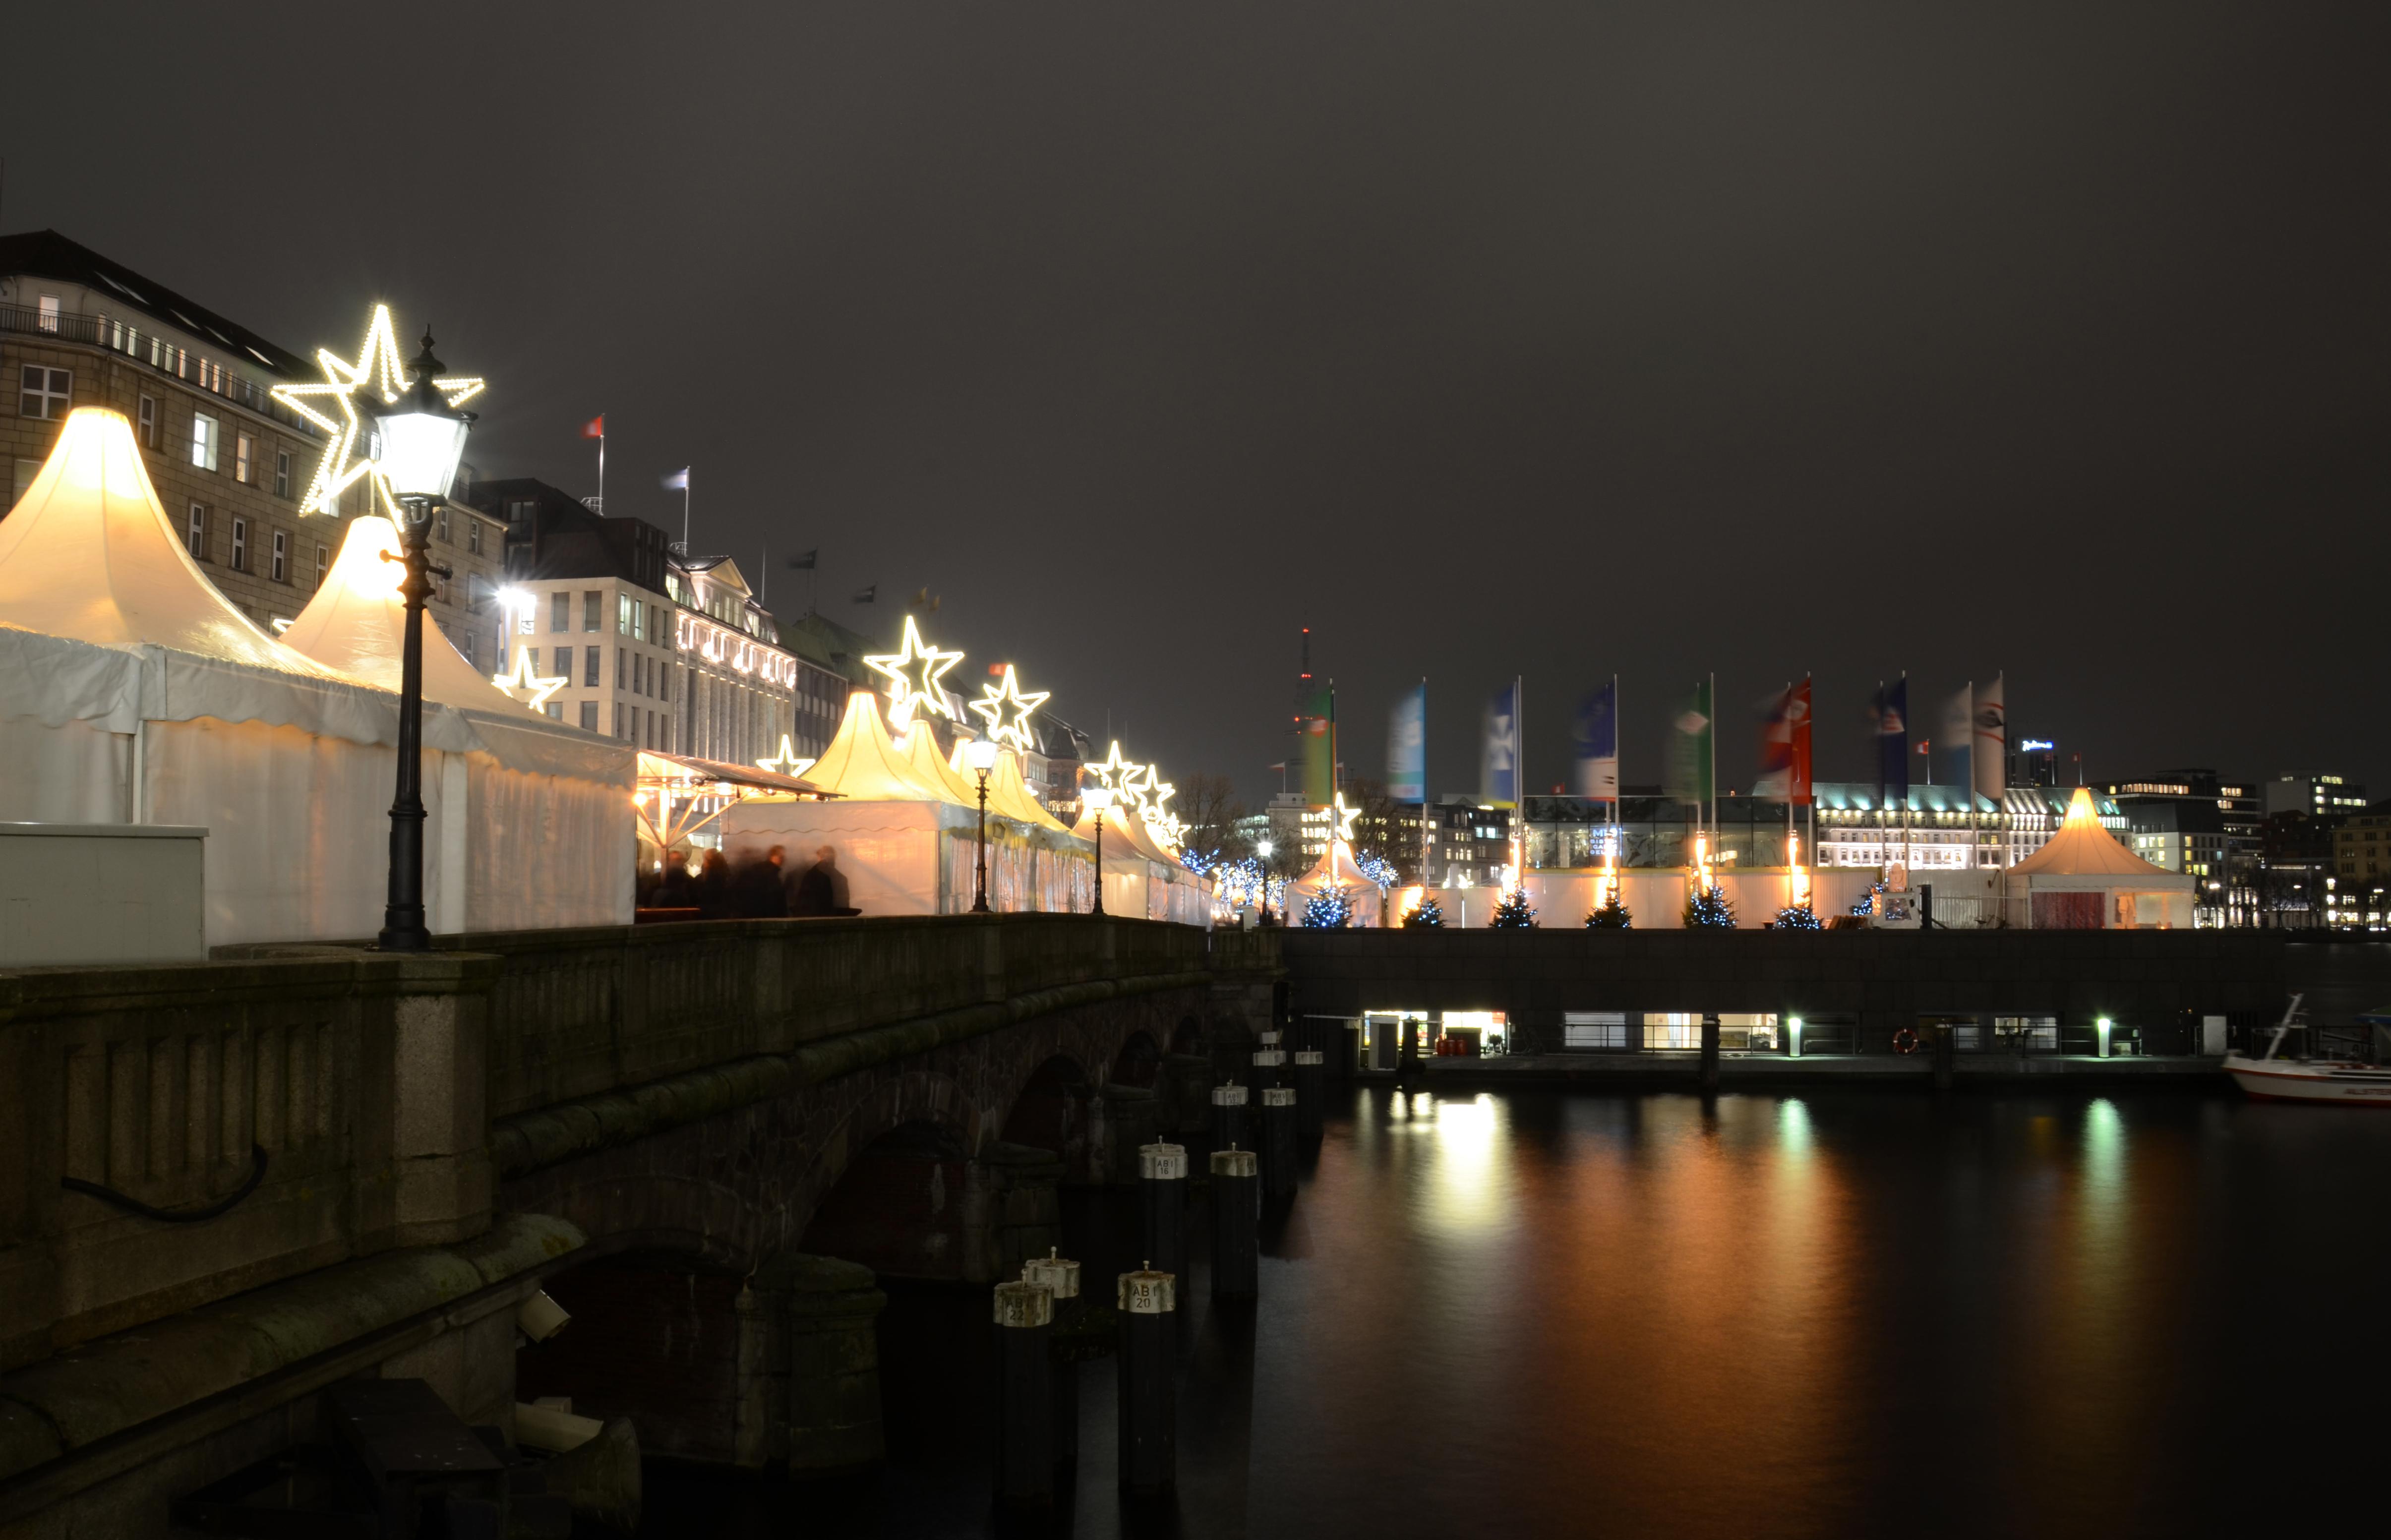 Jungfernstieg Weihnachtsmarkt.File Hamburg Jungfernstieg Weihnachtsmarkt Jpg Wikimedia